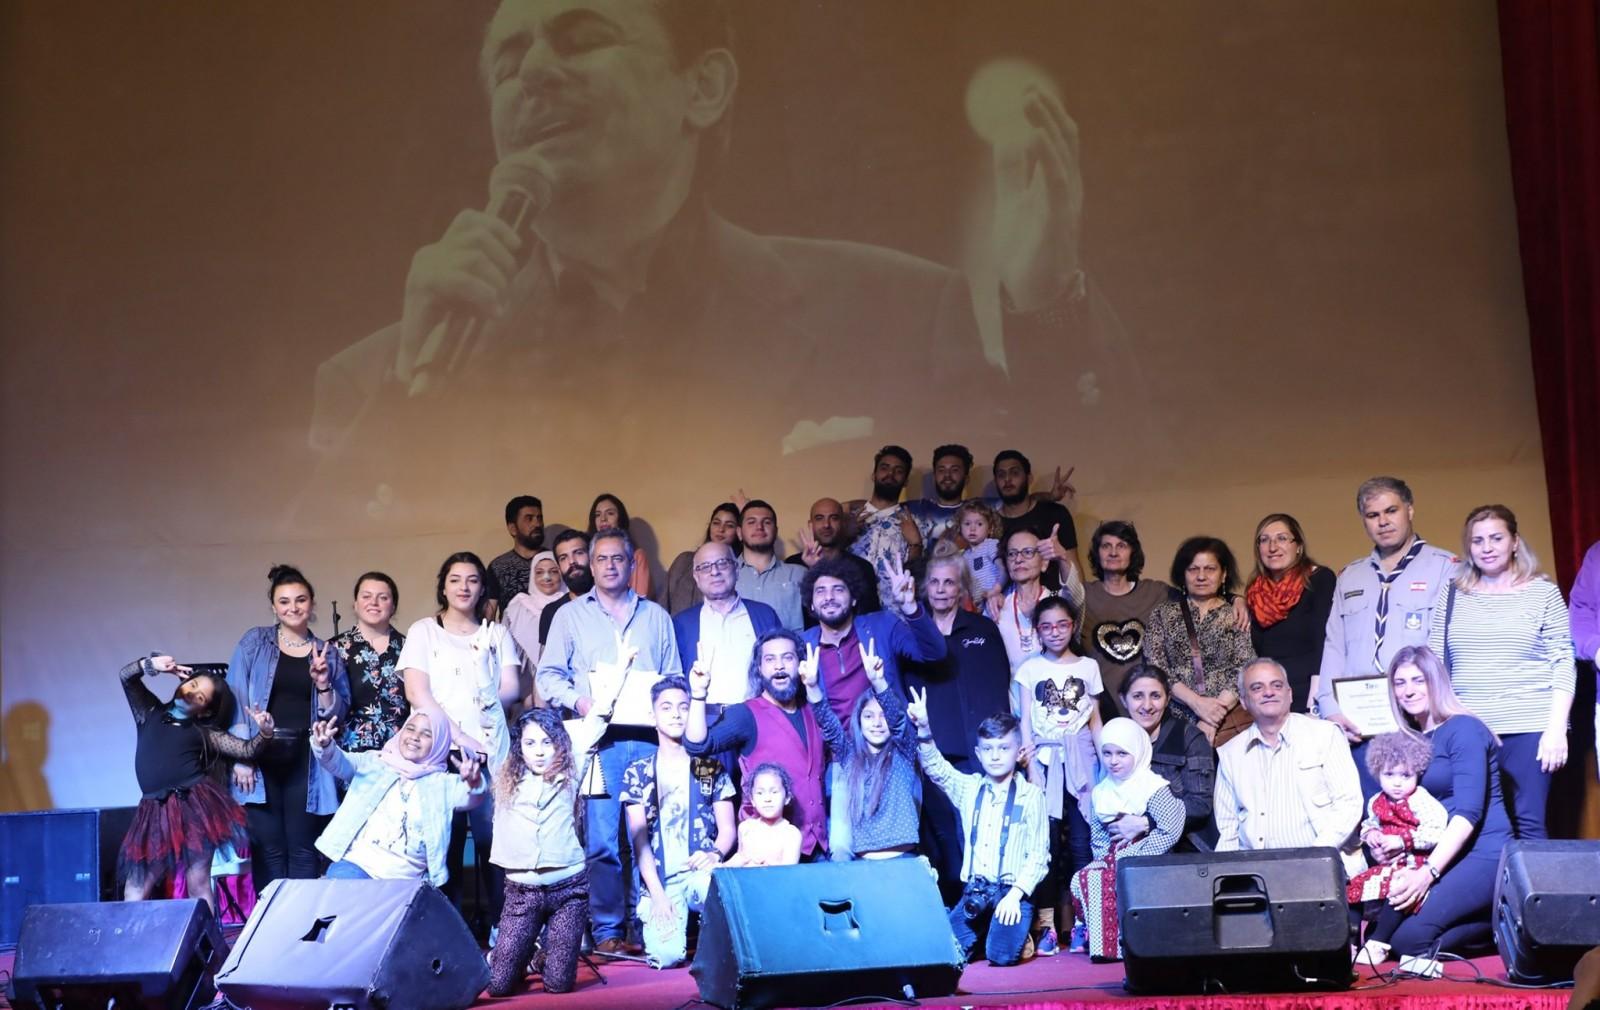 مسرح إسطنبولي يختتم فعاليات مهرجان صور الموسيقي الدولي..بالصور